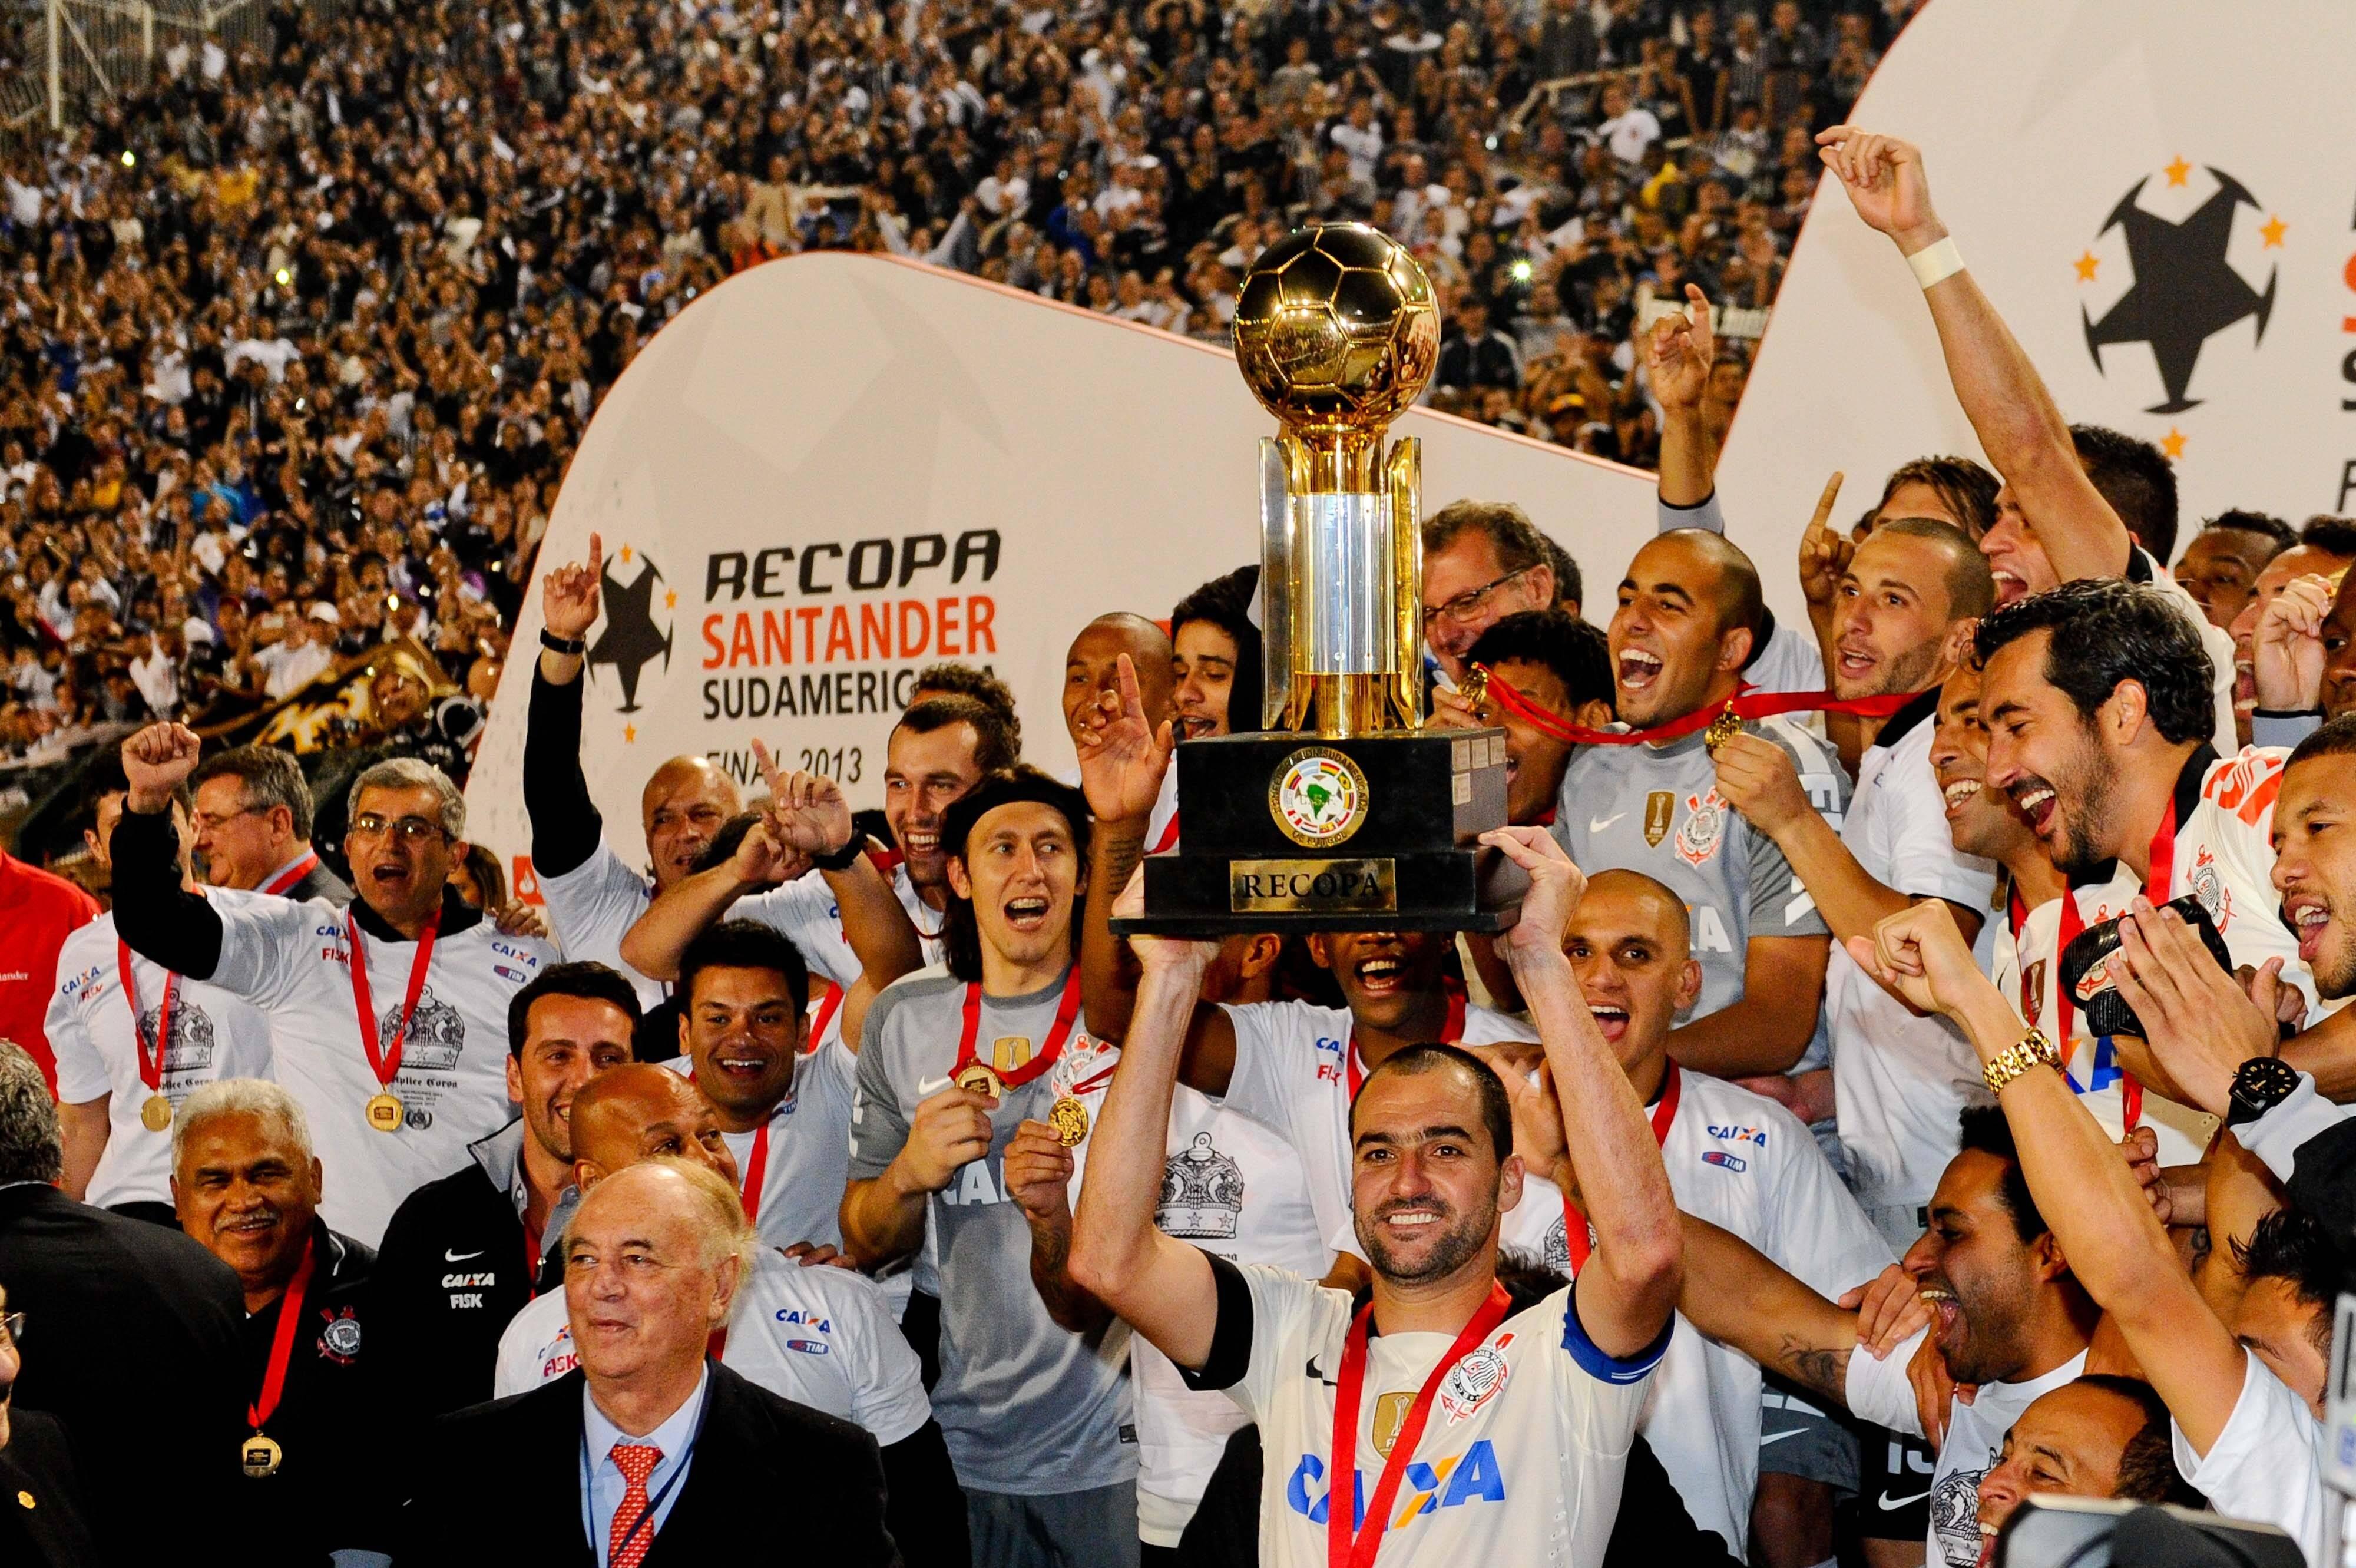 Outro troféu conquistado em 2013 por Tite no Corinthians foi o da Recopa, após duelos contra o São Paulo. Foto: SERGIO BARZAGHI / Gazeta Press